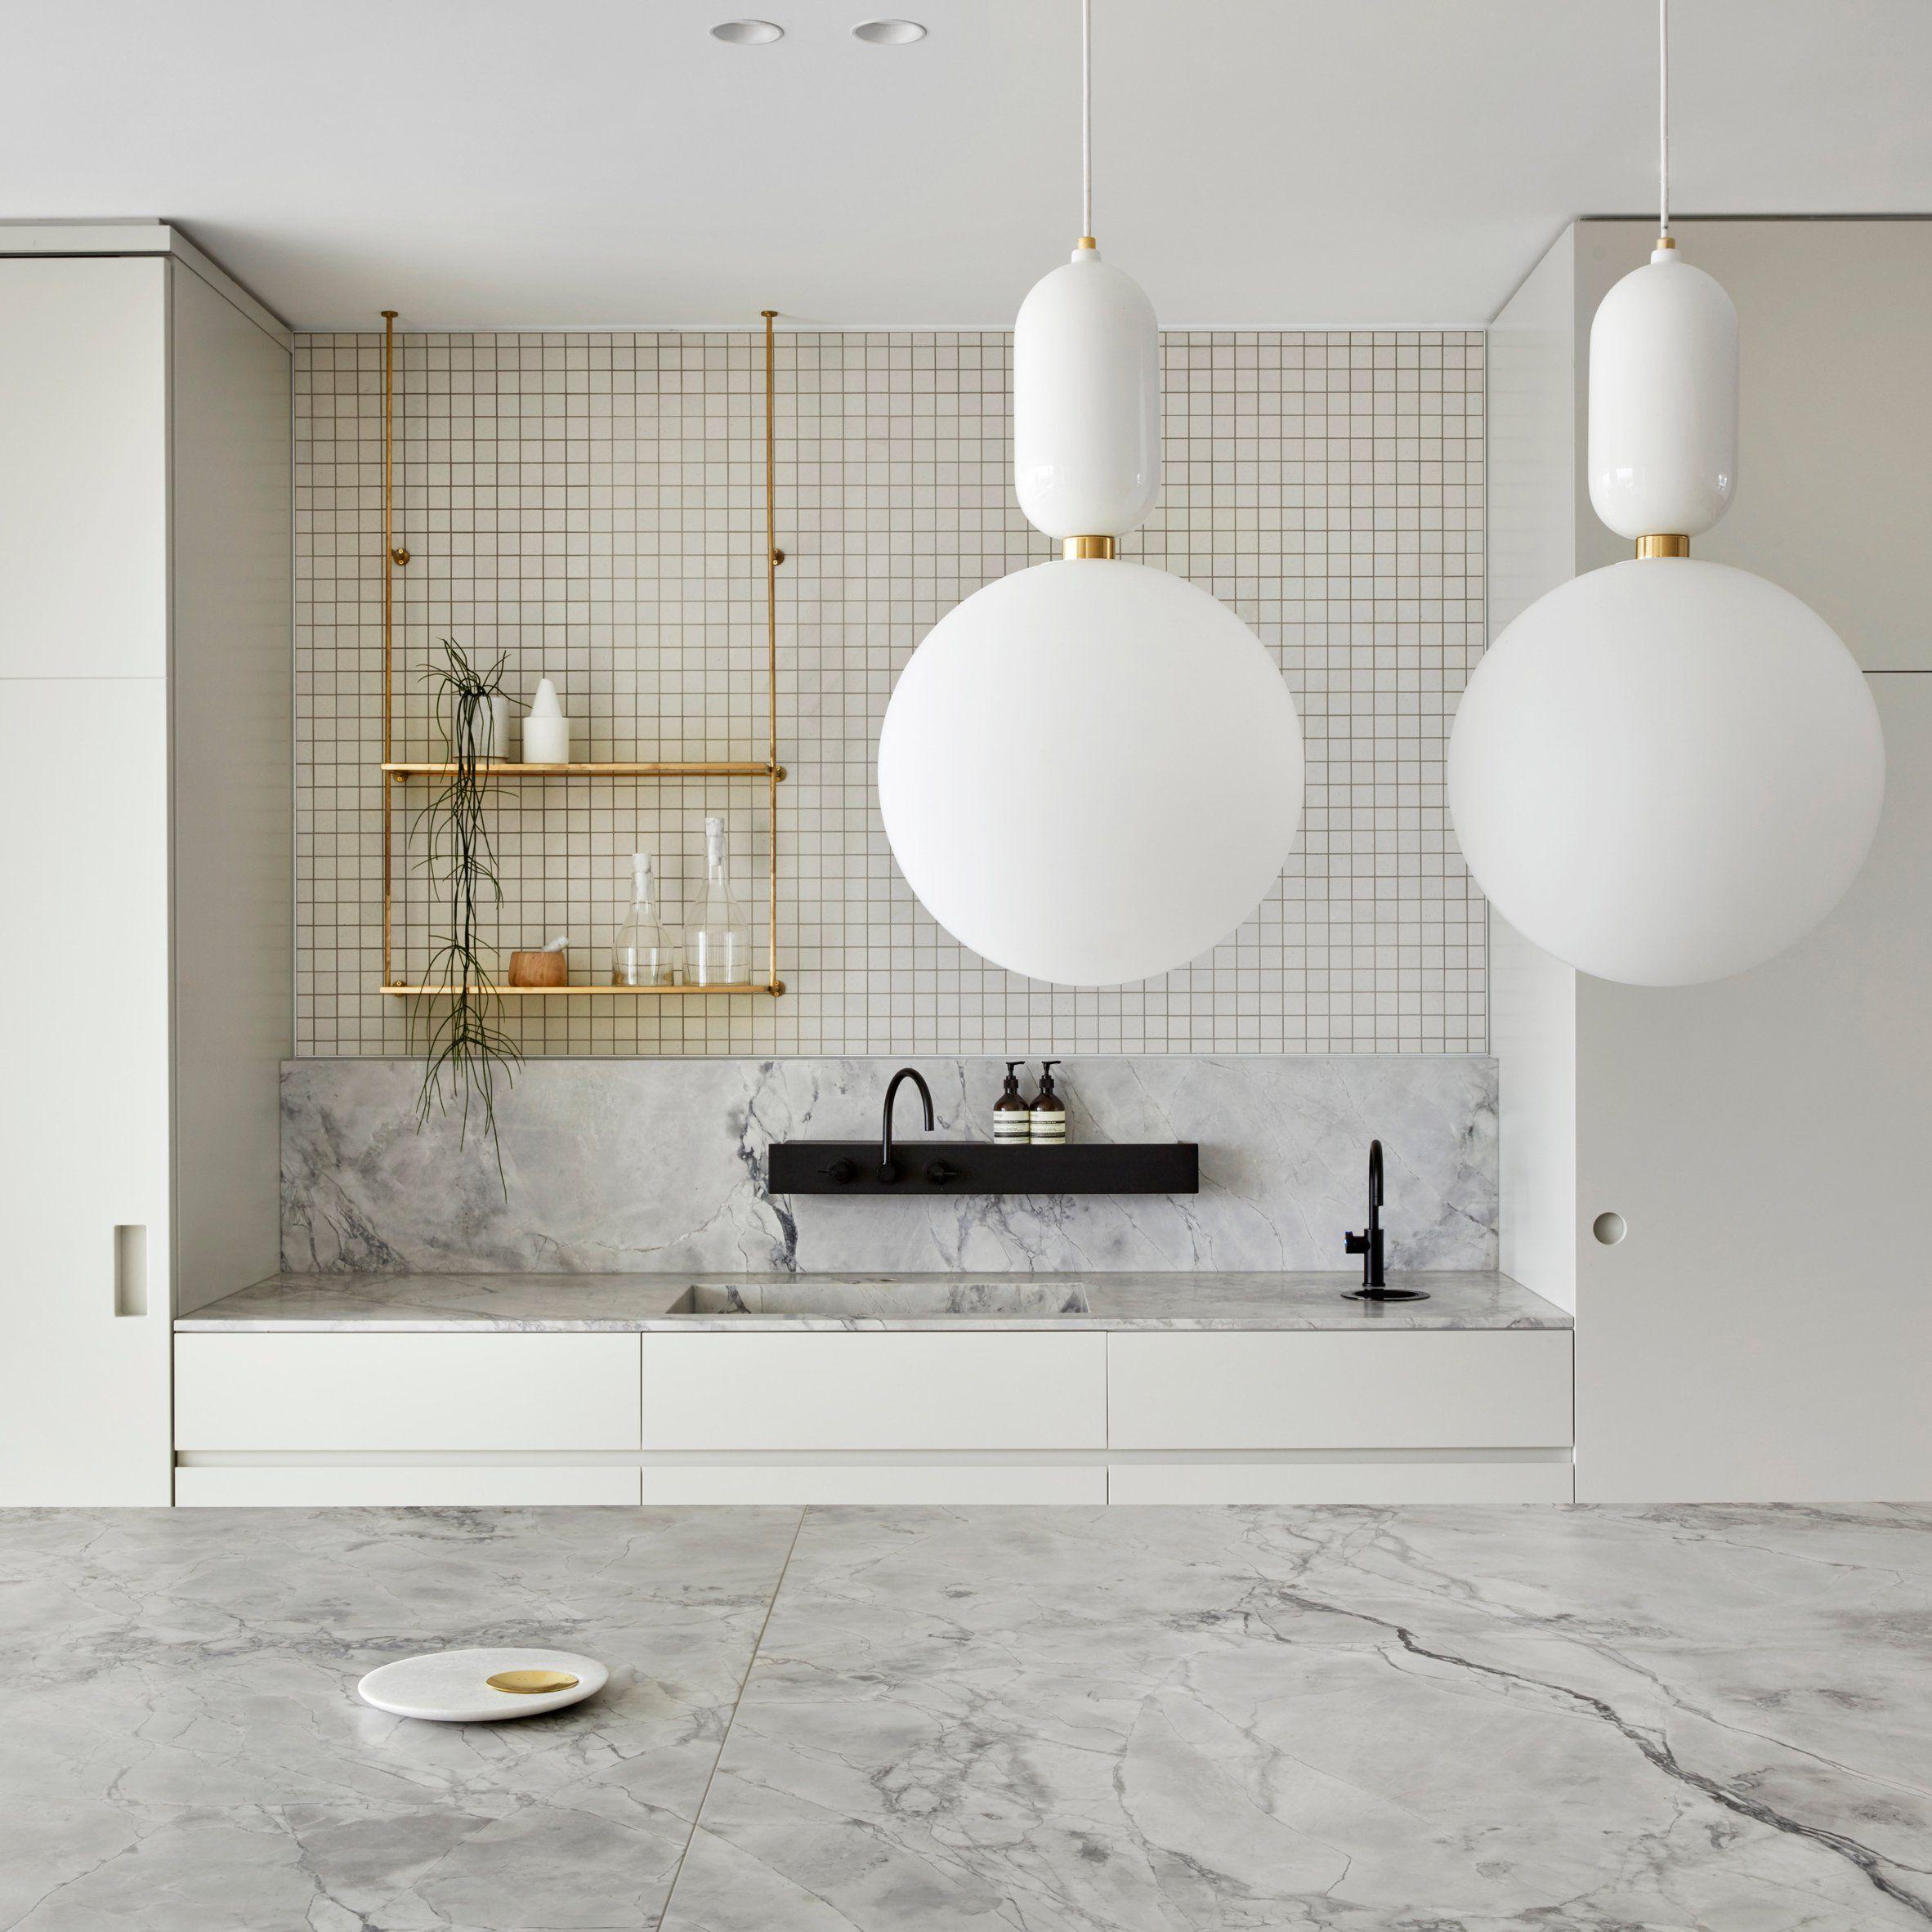 Melbourne interior design studio The Stella Collective has designed ...